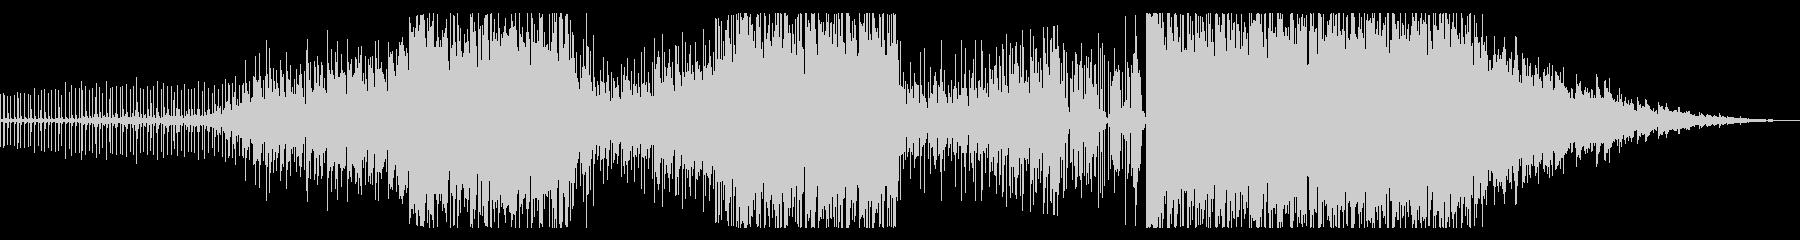 トロピカルで感傷的な癒しのBGM音楽の未再生の波形